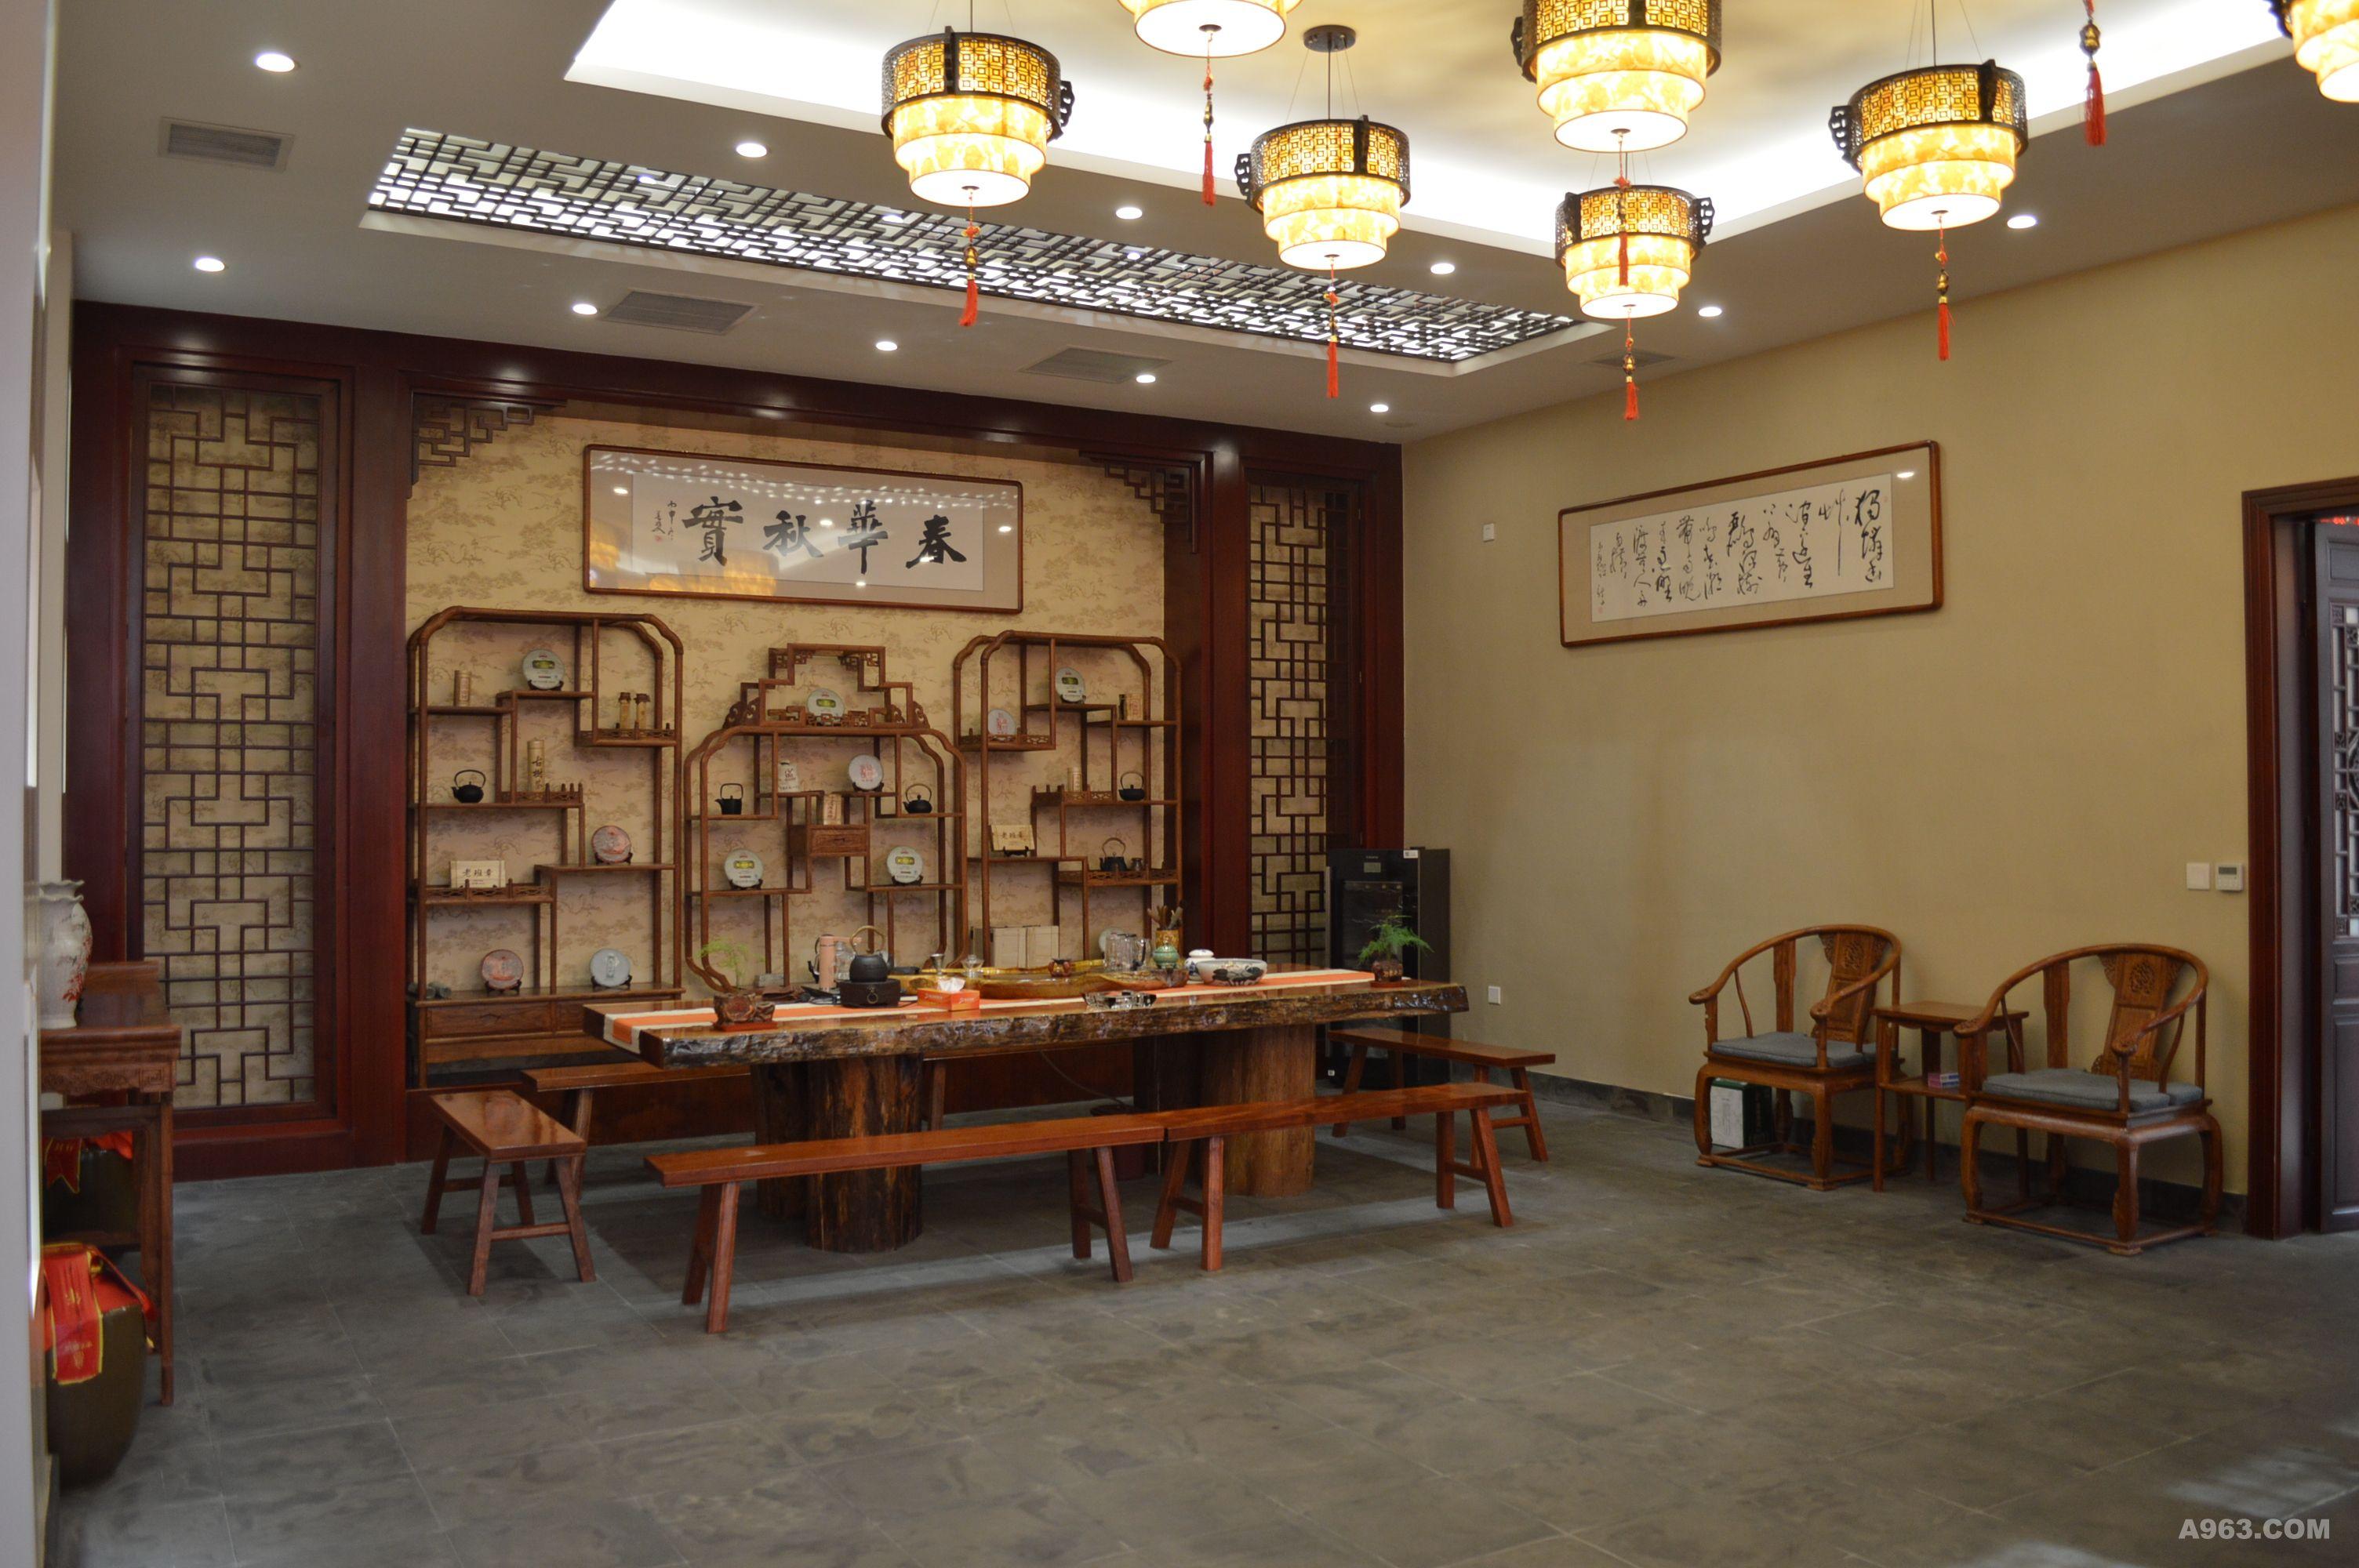 现代的手法,中式的元素点缀,加之厚韵的收藏品对其增添活力, 使之内容丰富,在商谈闲暇之际帮顾客有素材可聊